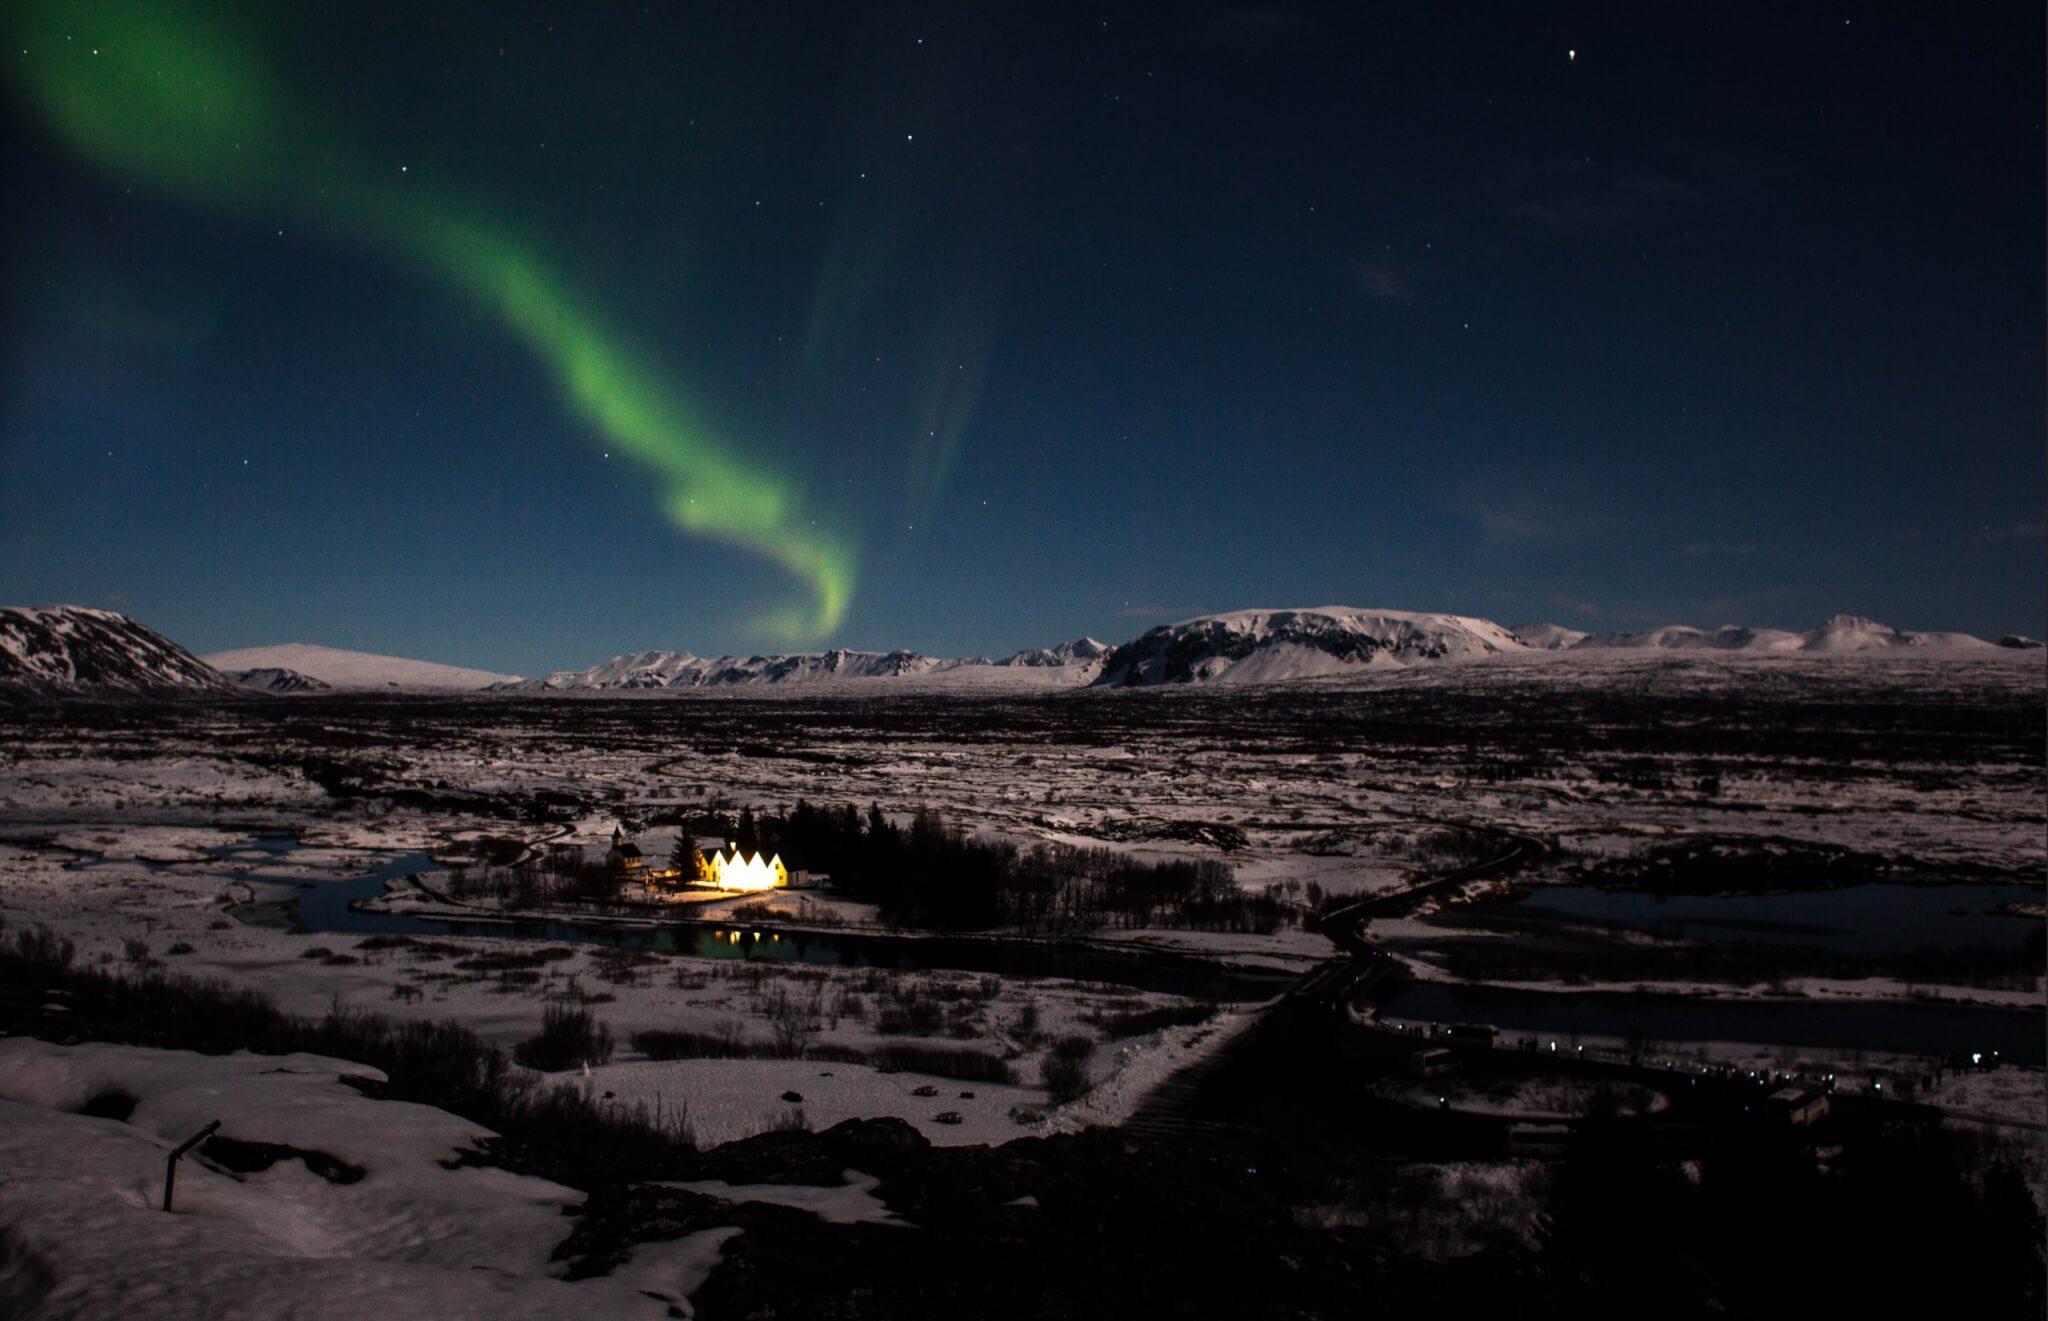 kym ellis U9lMSO8wmgs unsplash scaled - Island Winterreise - Nordlichter und heiße Quellen